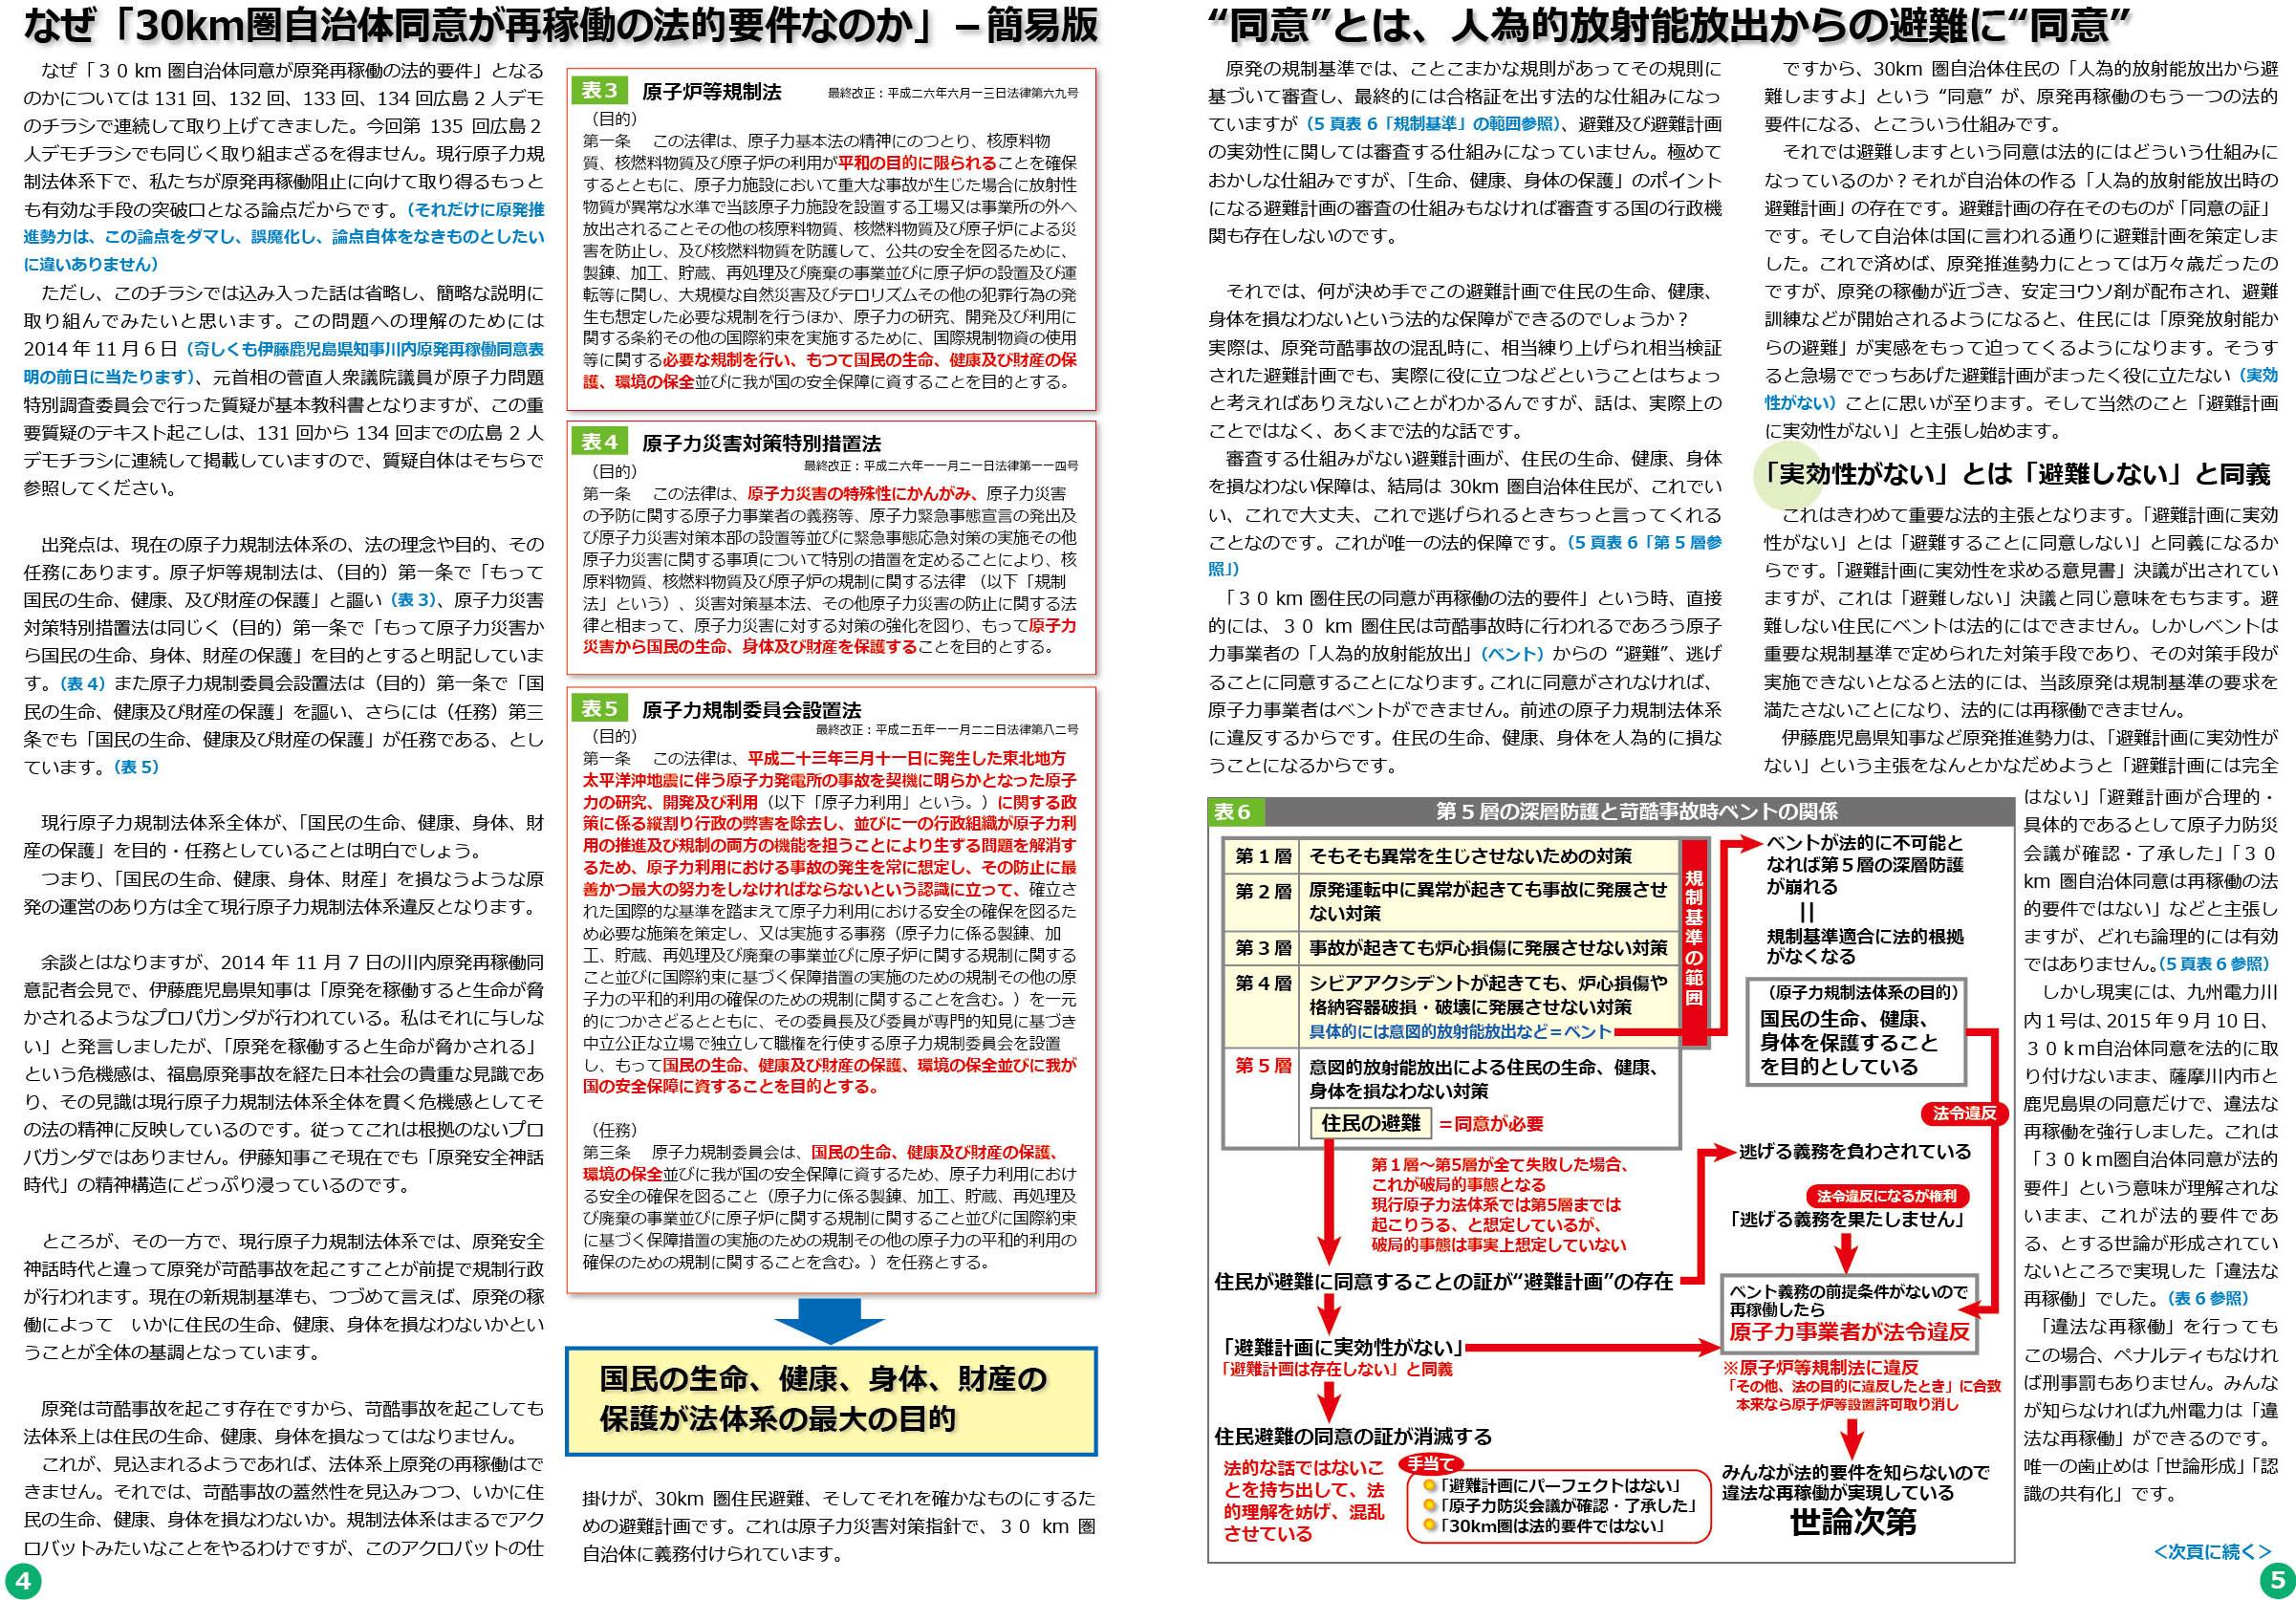 ファイル 448-3.jpg